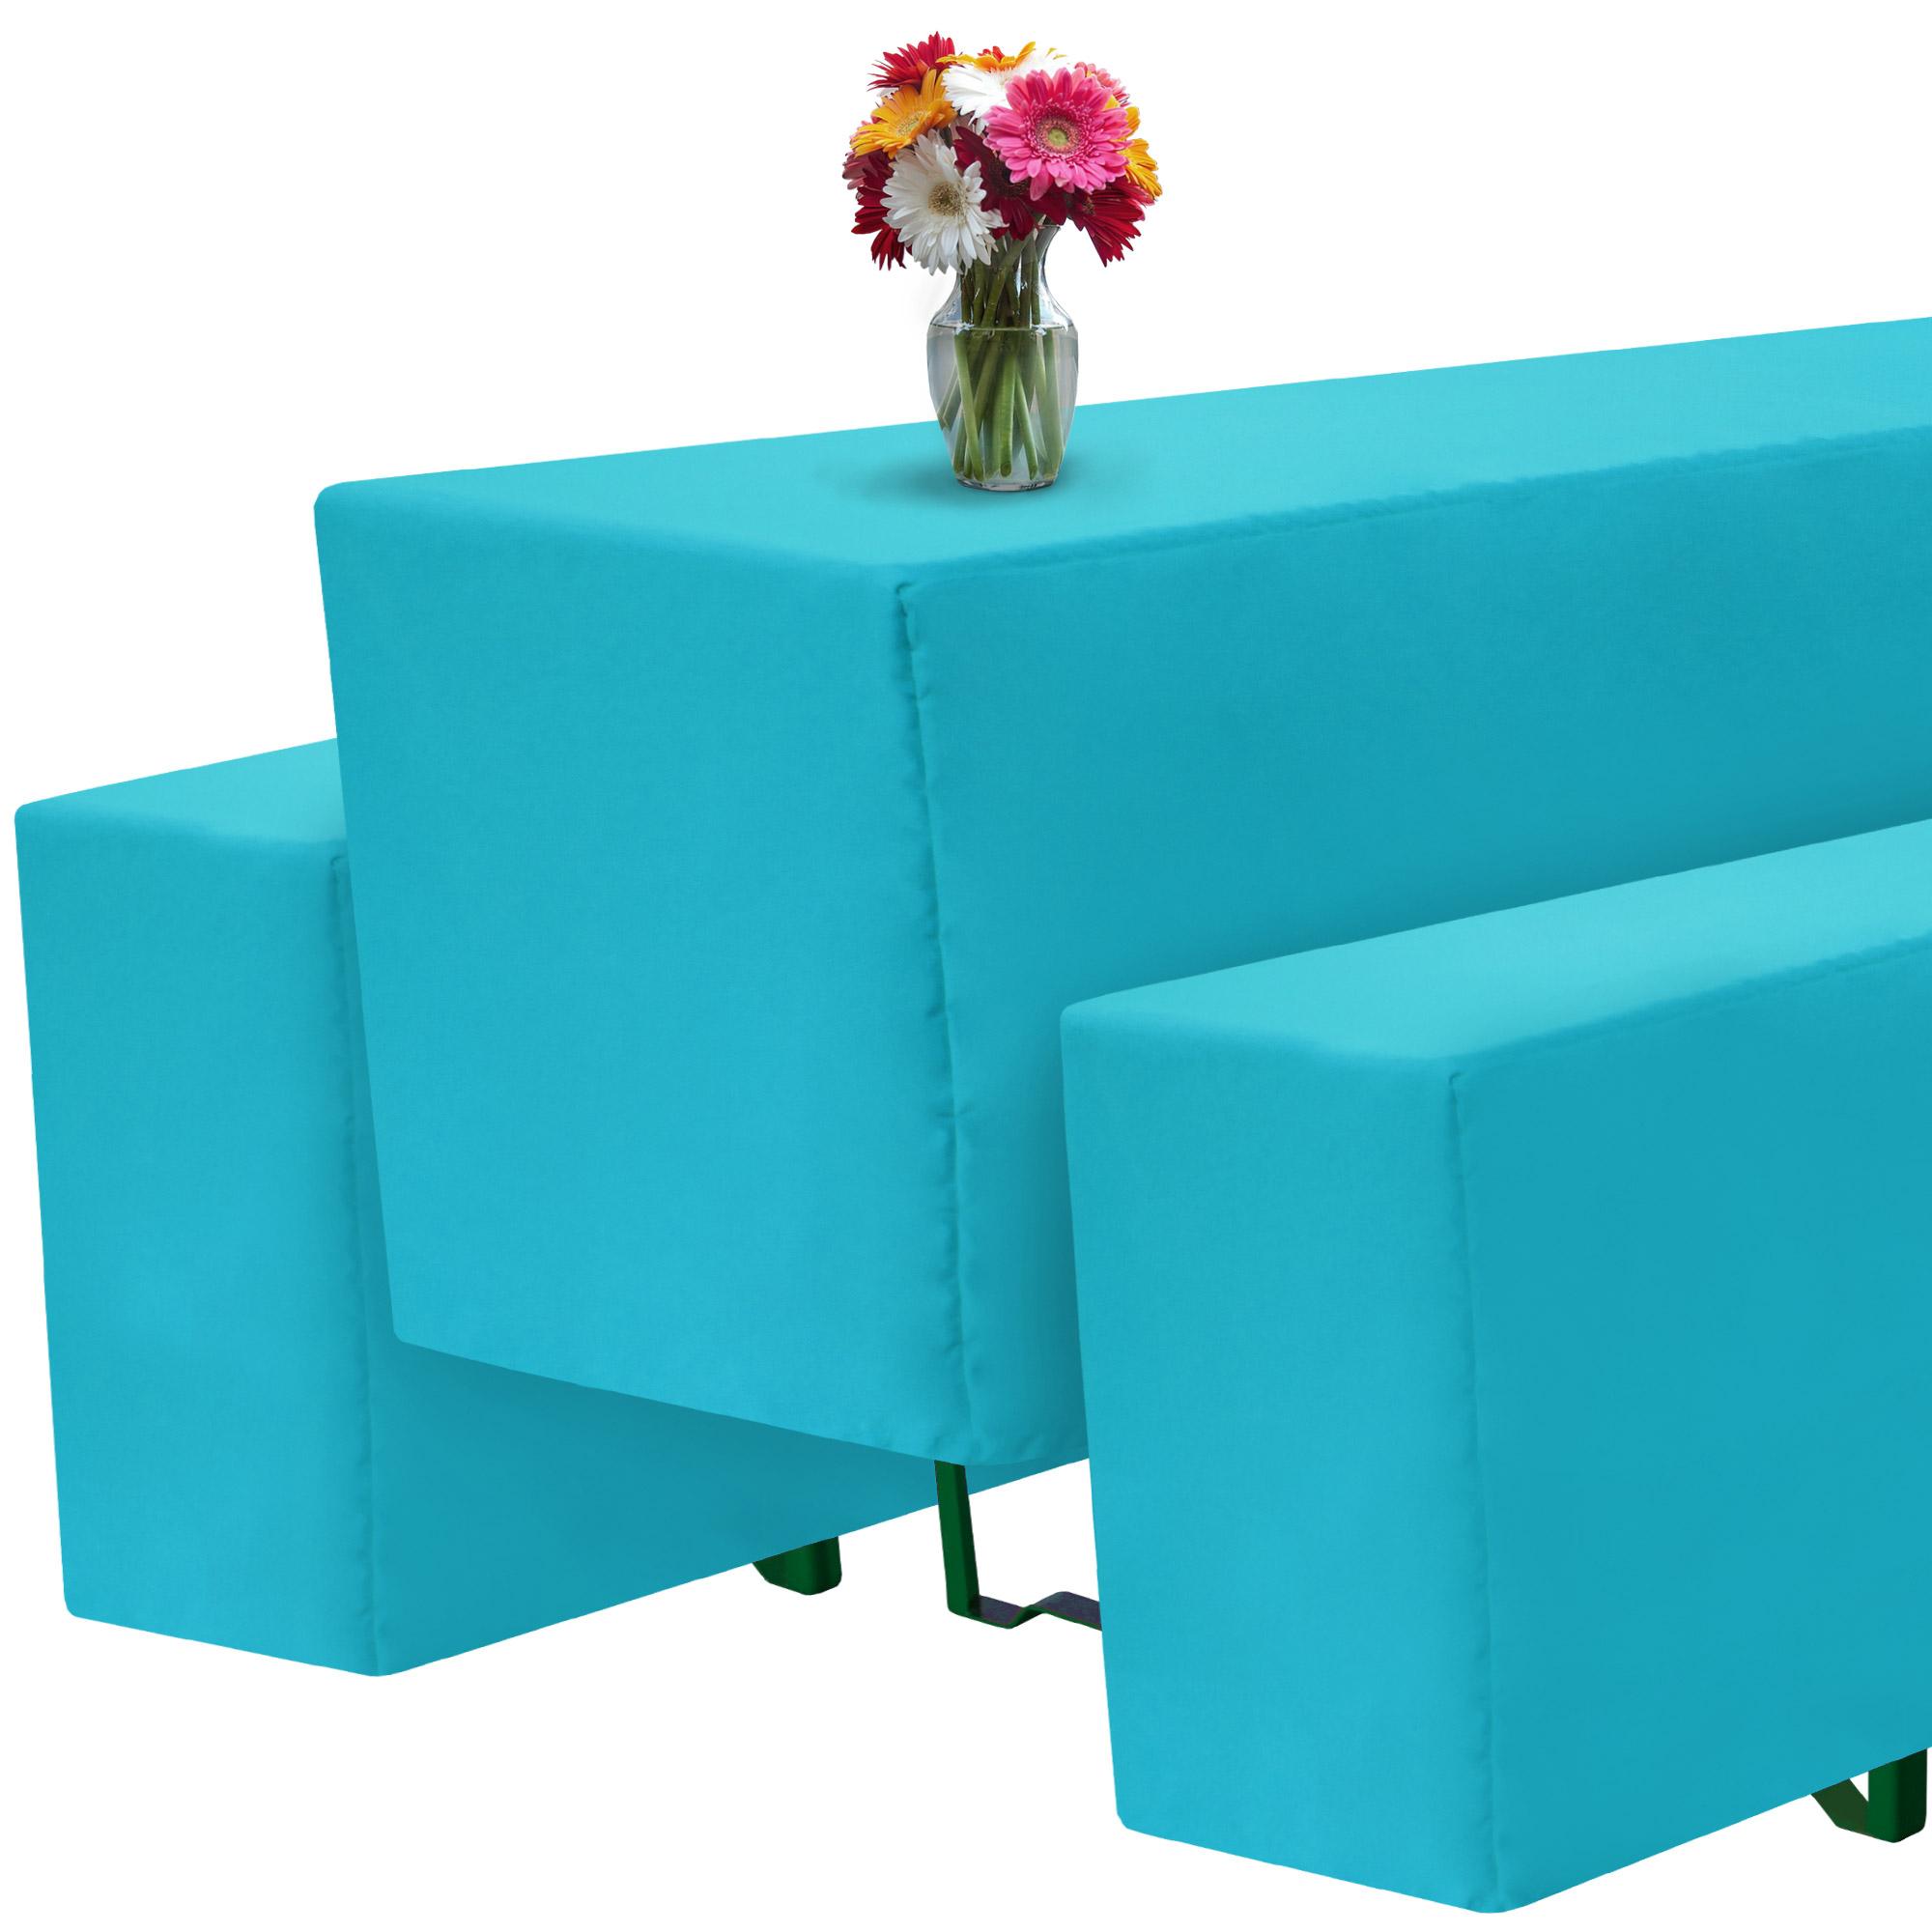 Gedeckter Tisch Im Garten: Beautissu® Husse Bierzeltgarnitur Biertisch Hussen